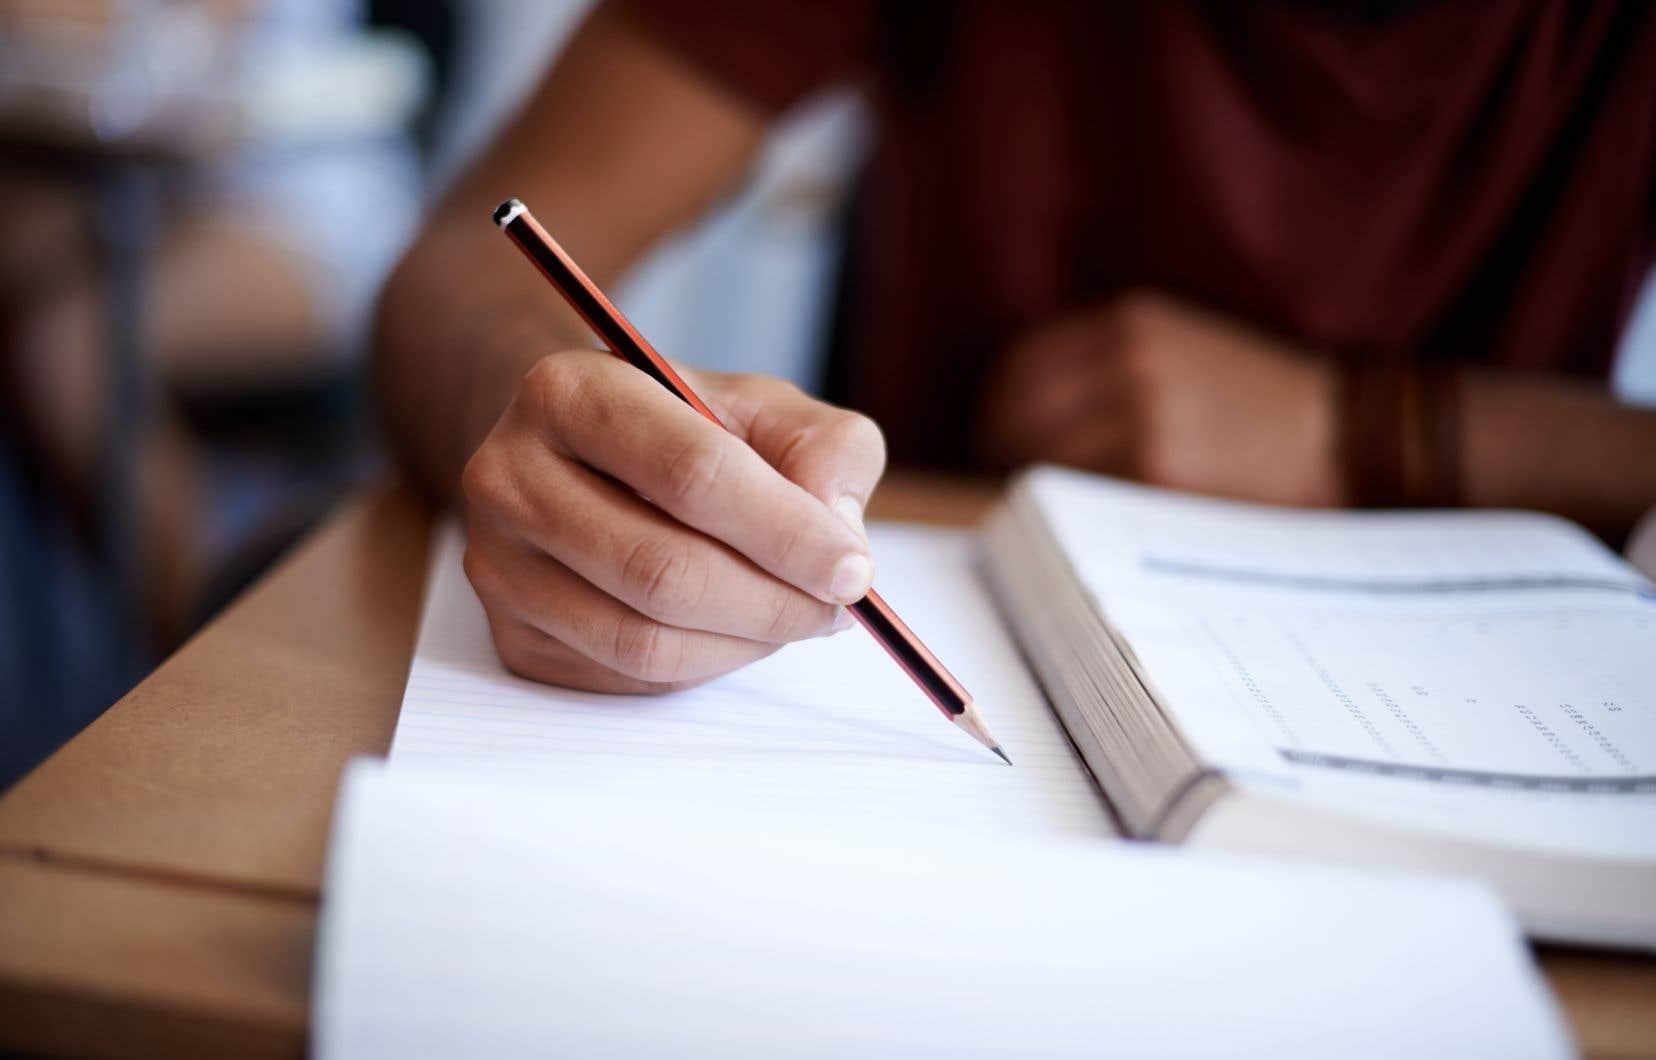 La Fédération québécoise des directions d'établissement d'enseignement (FQDE) a indiqué lundi qu'un élève du secondaire sur quatre a échoué en mathématiques.